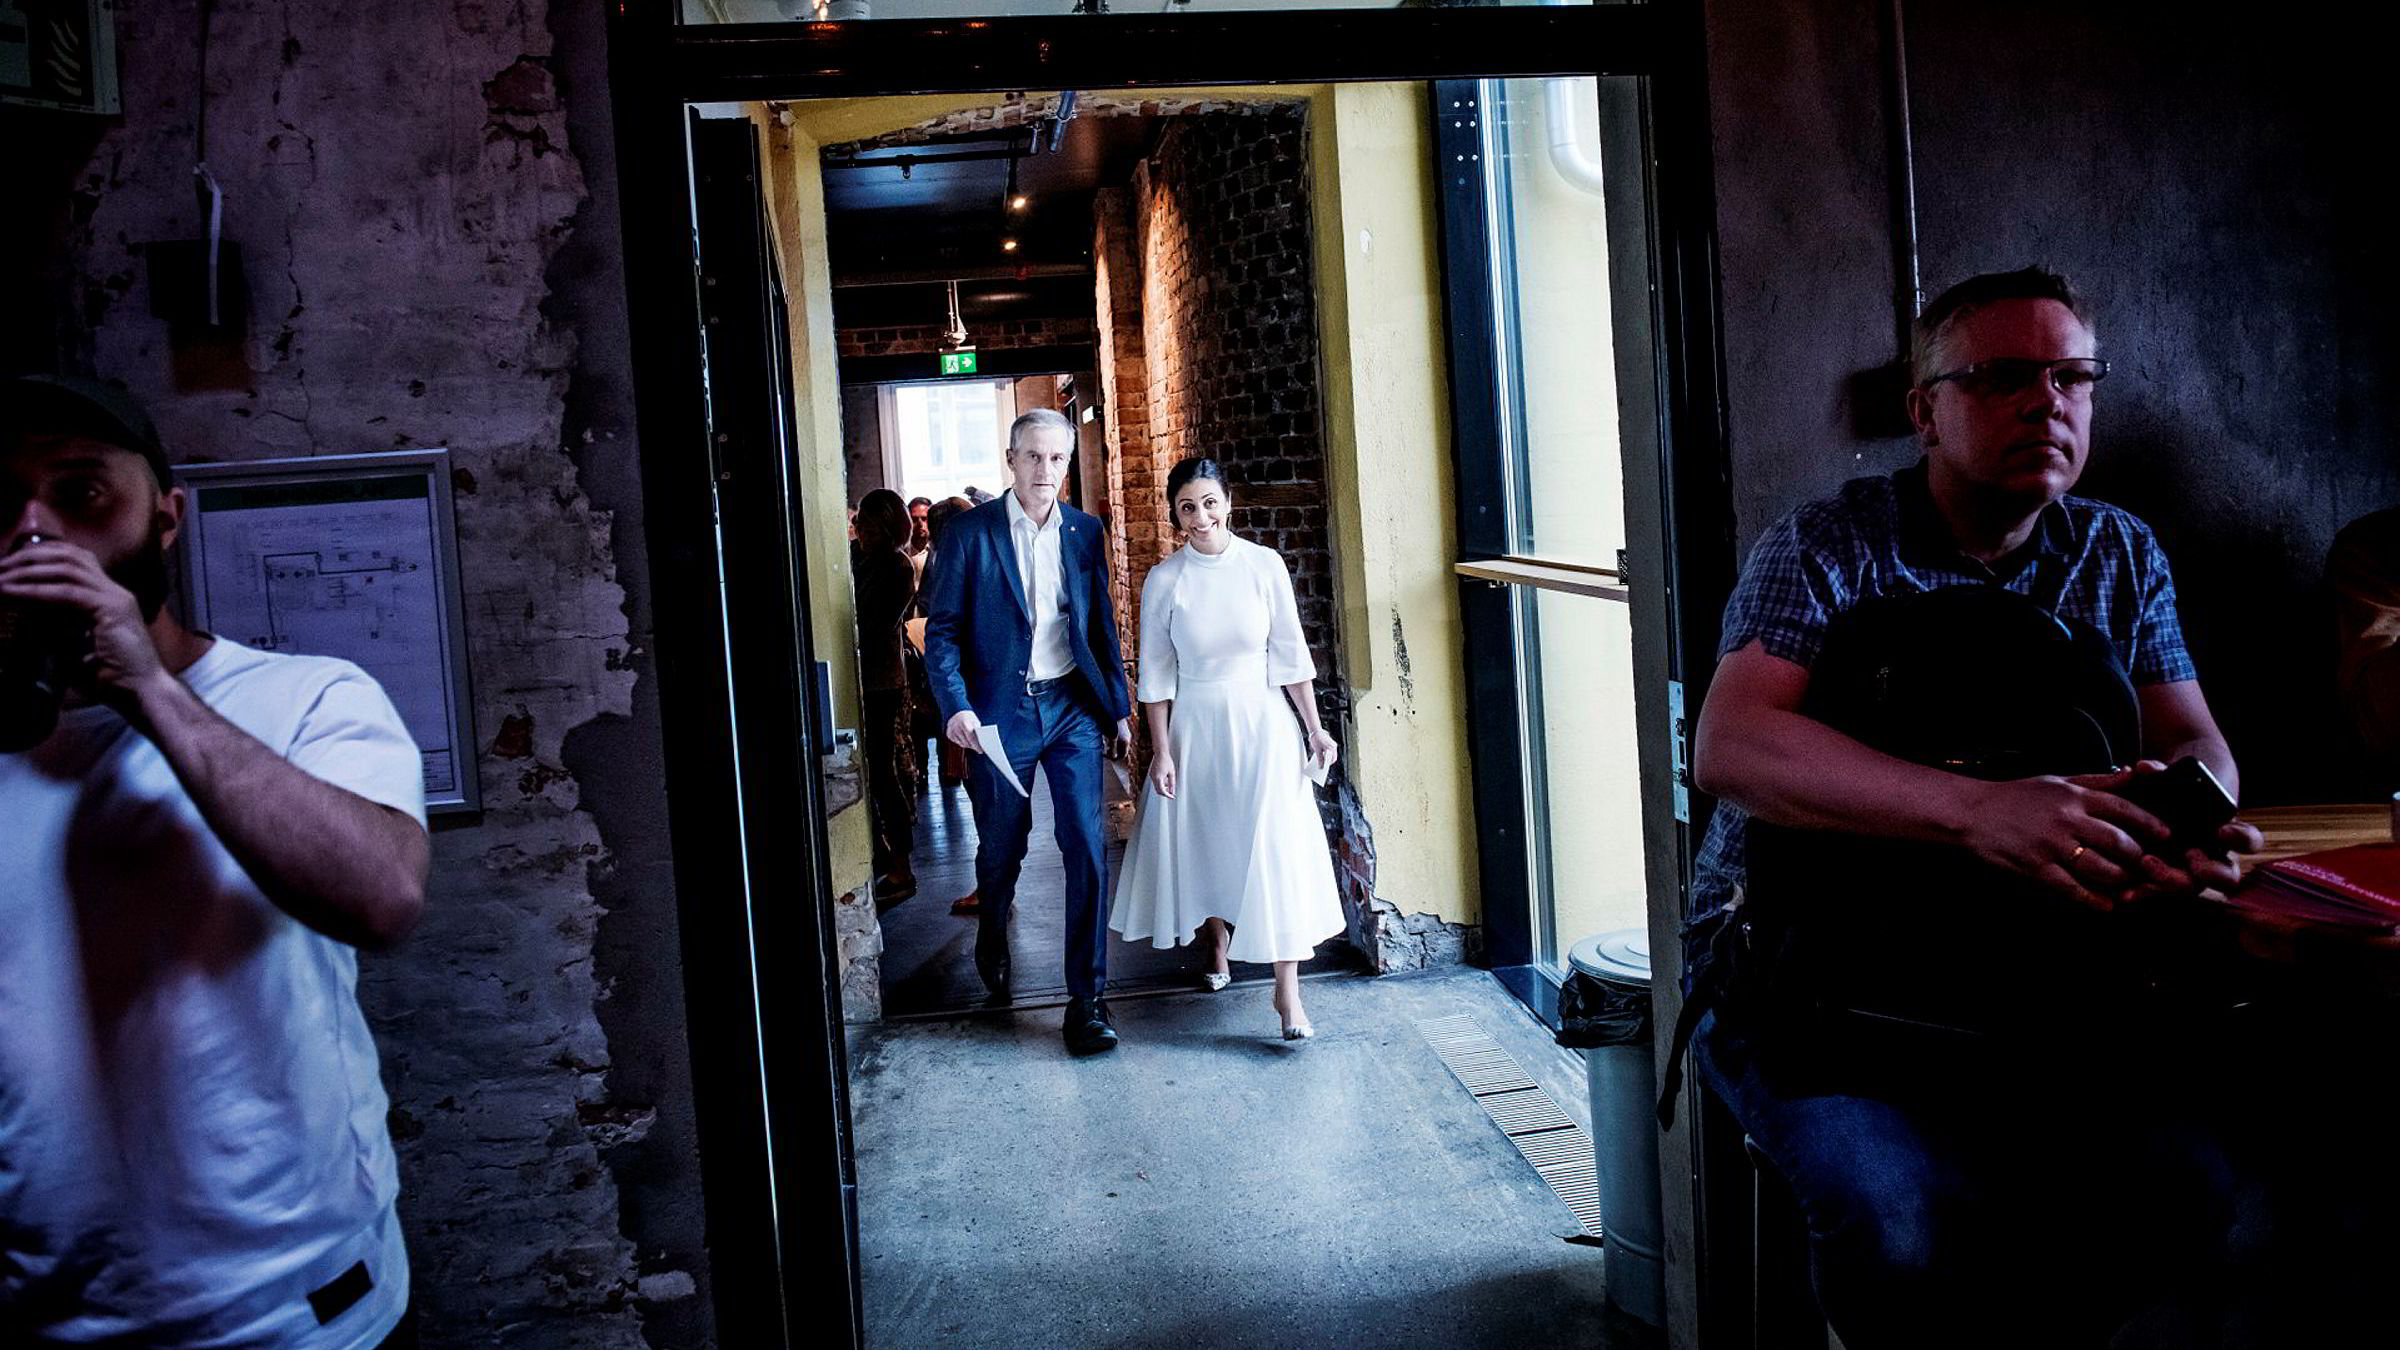 Arbeiderpartiets leder Jonas Gahr Støre og nestleder Hadia Tajik gikk inn i et mørkt rom på Kulturhuset i Oslo for å oppsummere et ganske mørkt halvår for partiet.